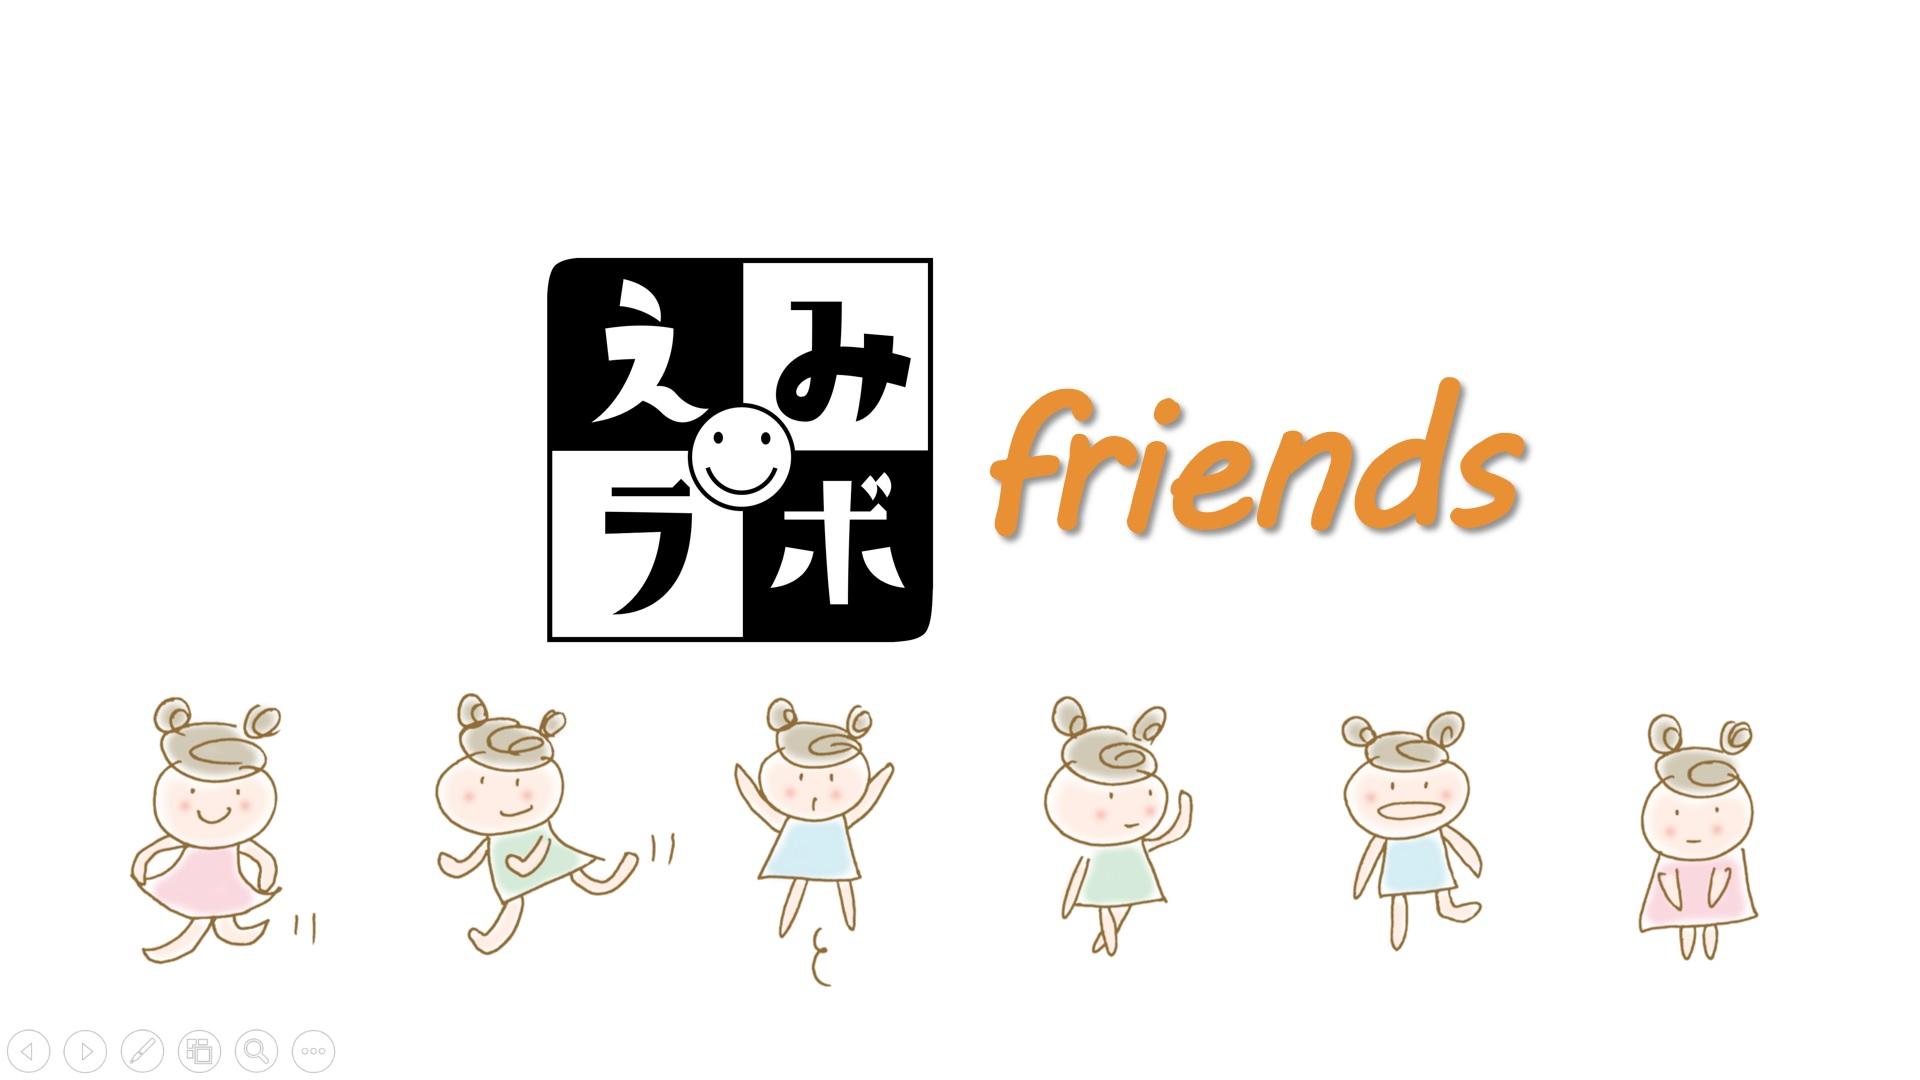 【facebook】えみラボフレンズ